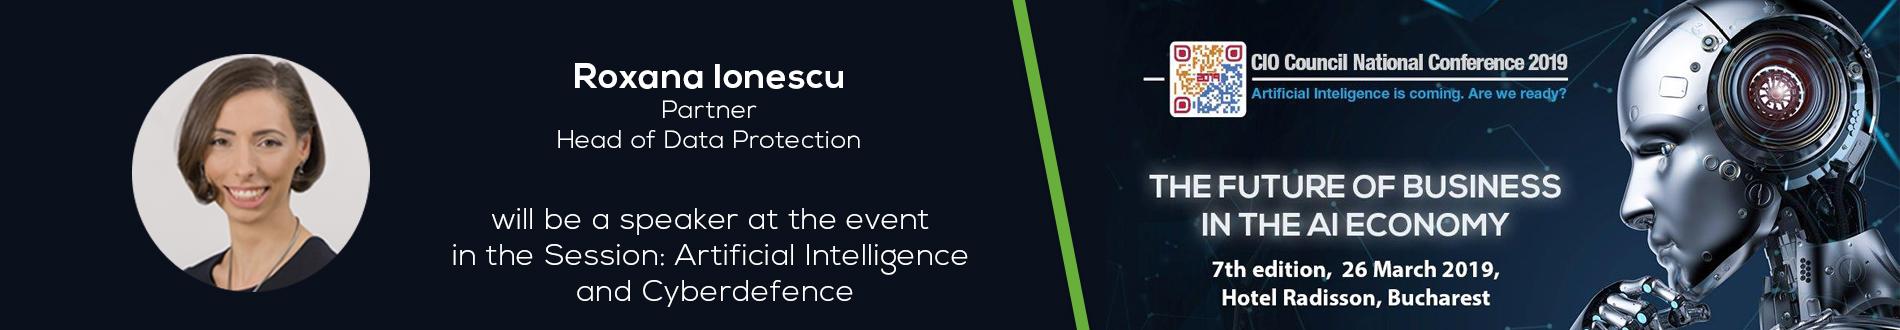 CIO-Conference_Roxana-Ionescu_2019